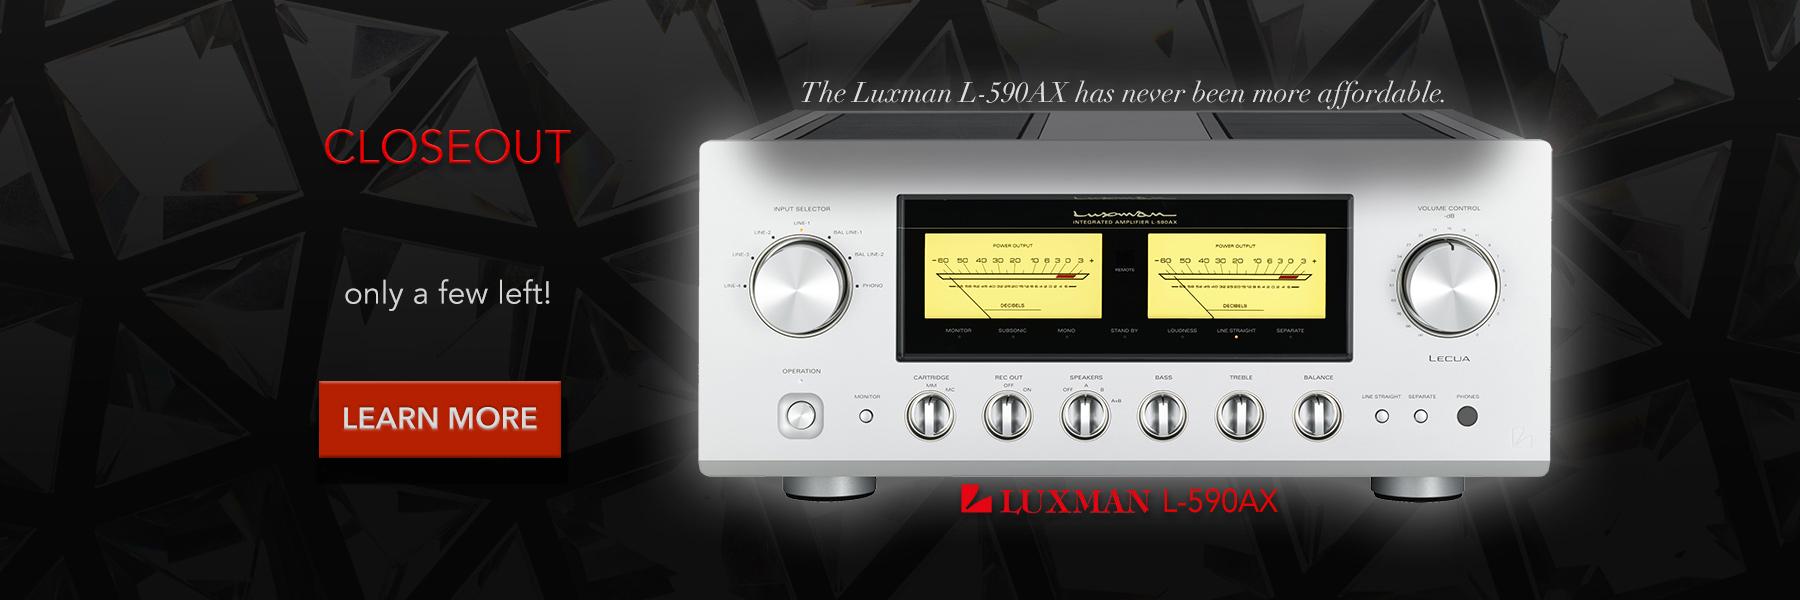 Luxman L-590AX closeout